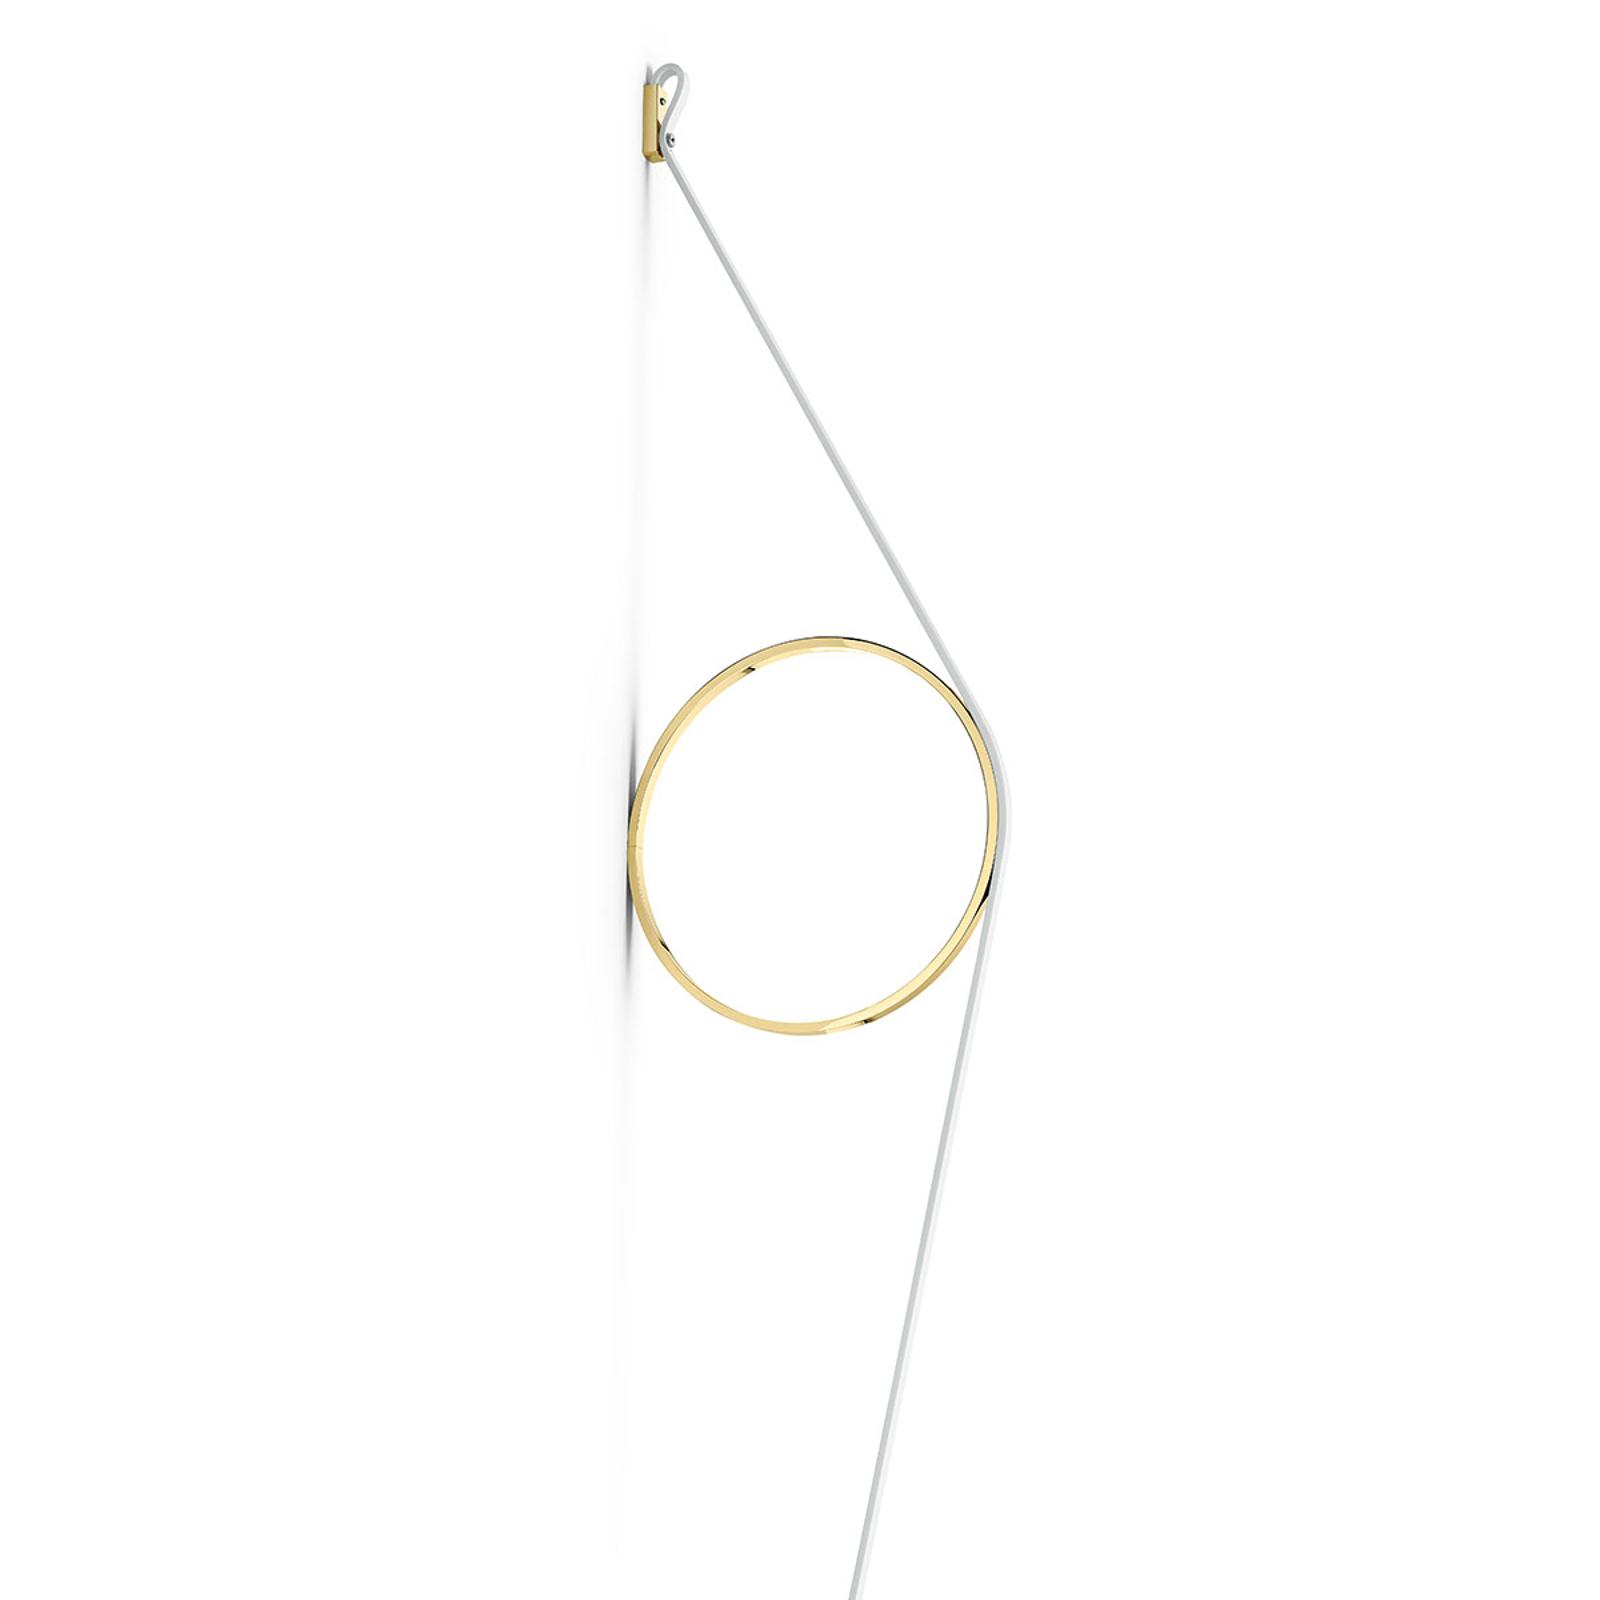 FLOS Wirering bílá LED nást.sv. prsten zlatý